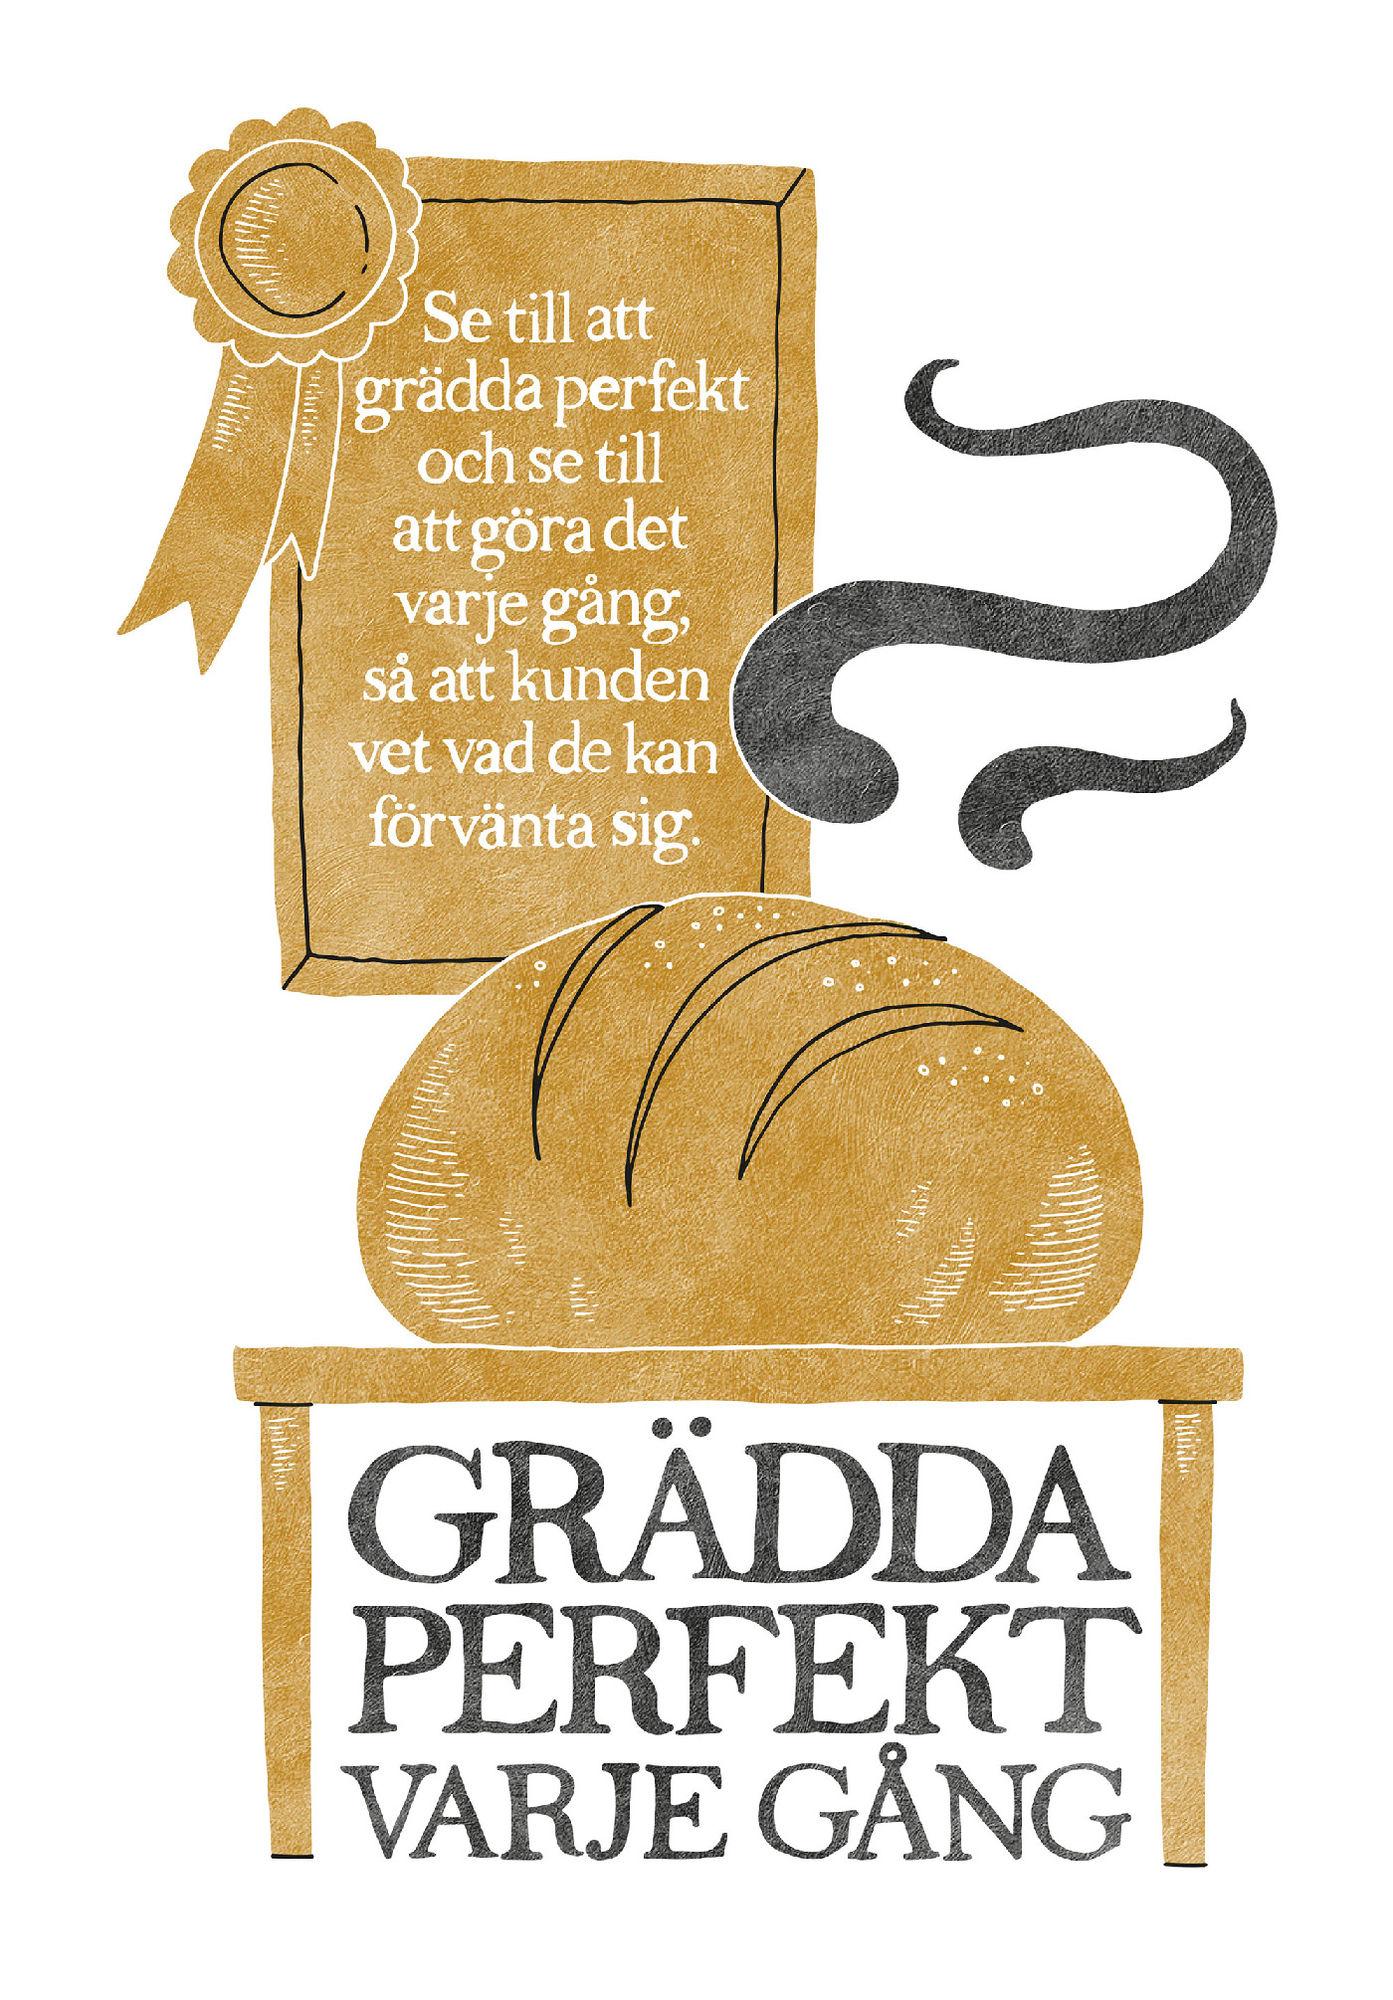 AGENT MOLLY & CO / Illustrator FREDRIK BRÄNNSTRÖM